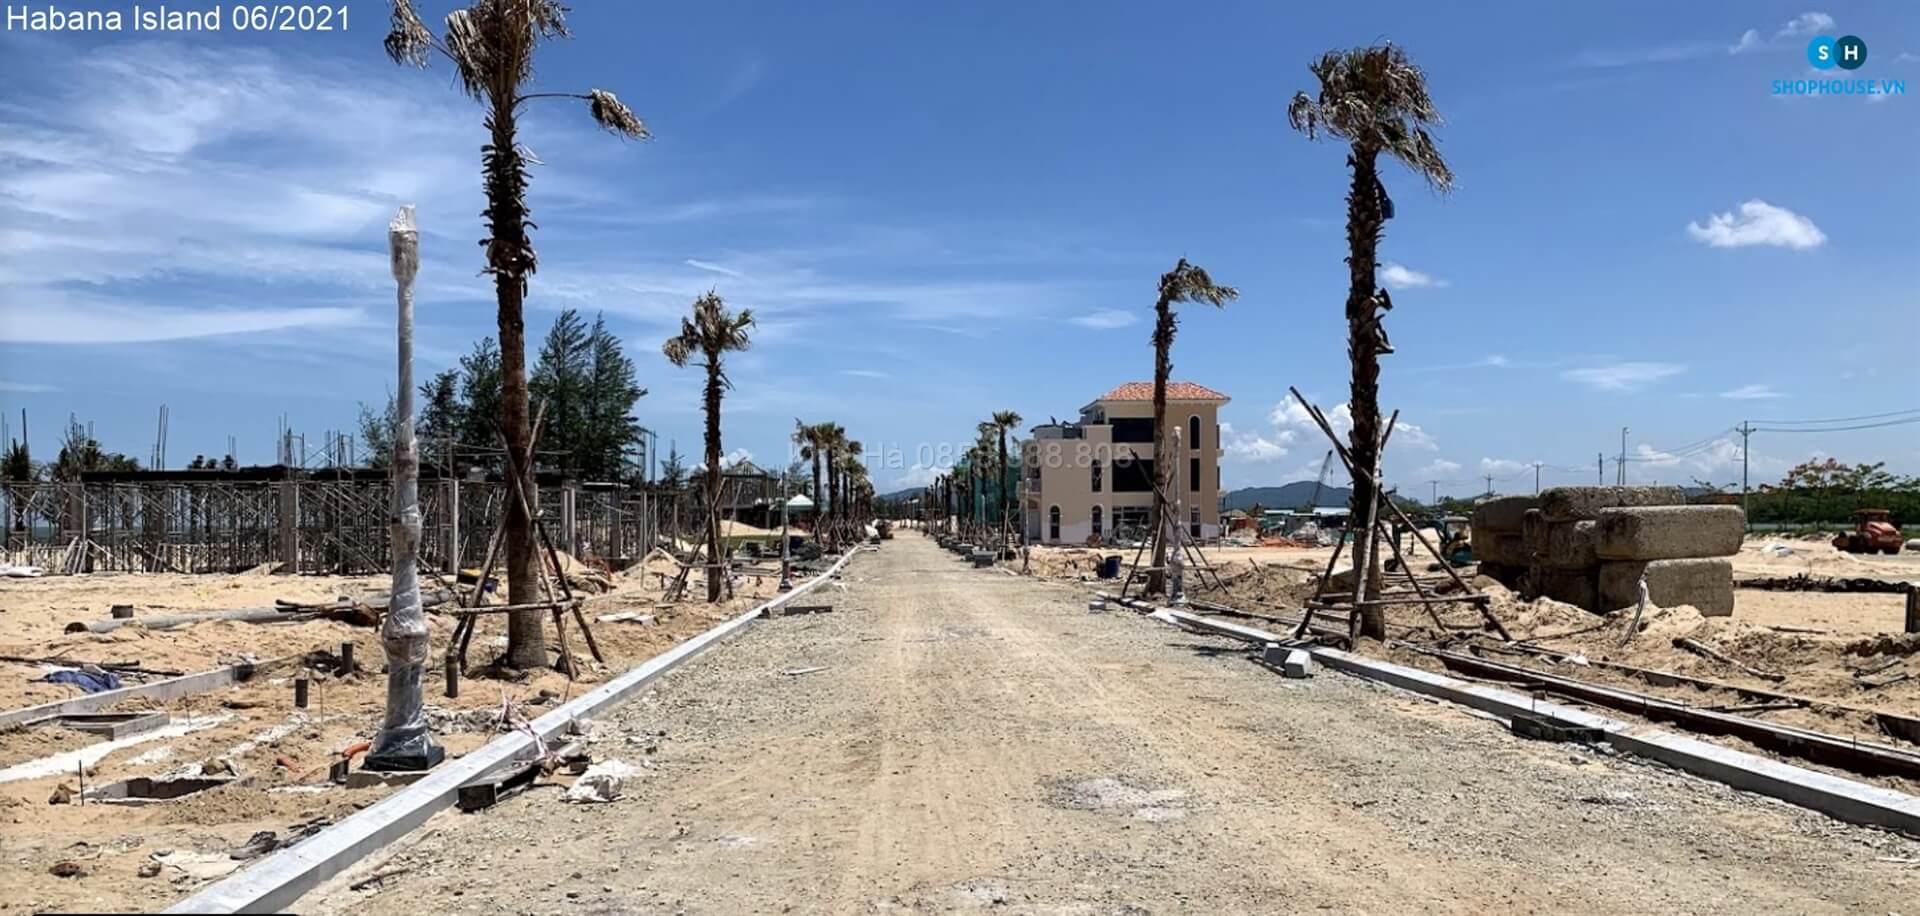 habana-island-tien-do-xay-dung-06-2021-1